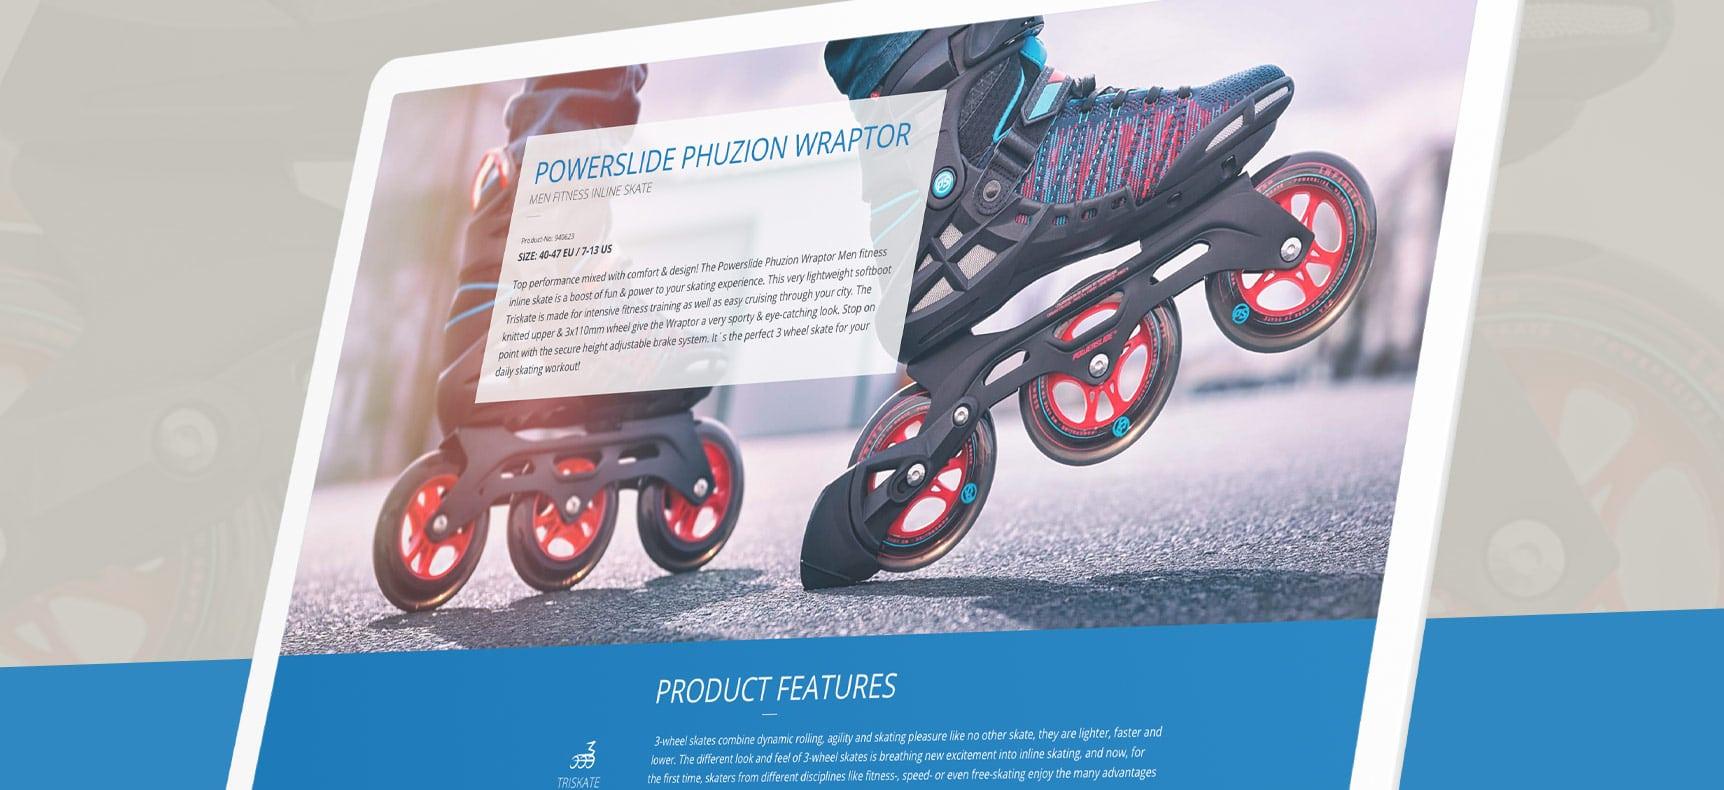 Powerslide Sportartikel GmbH | Website erstellt von StatusZwo.com